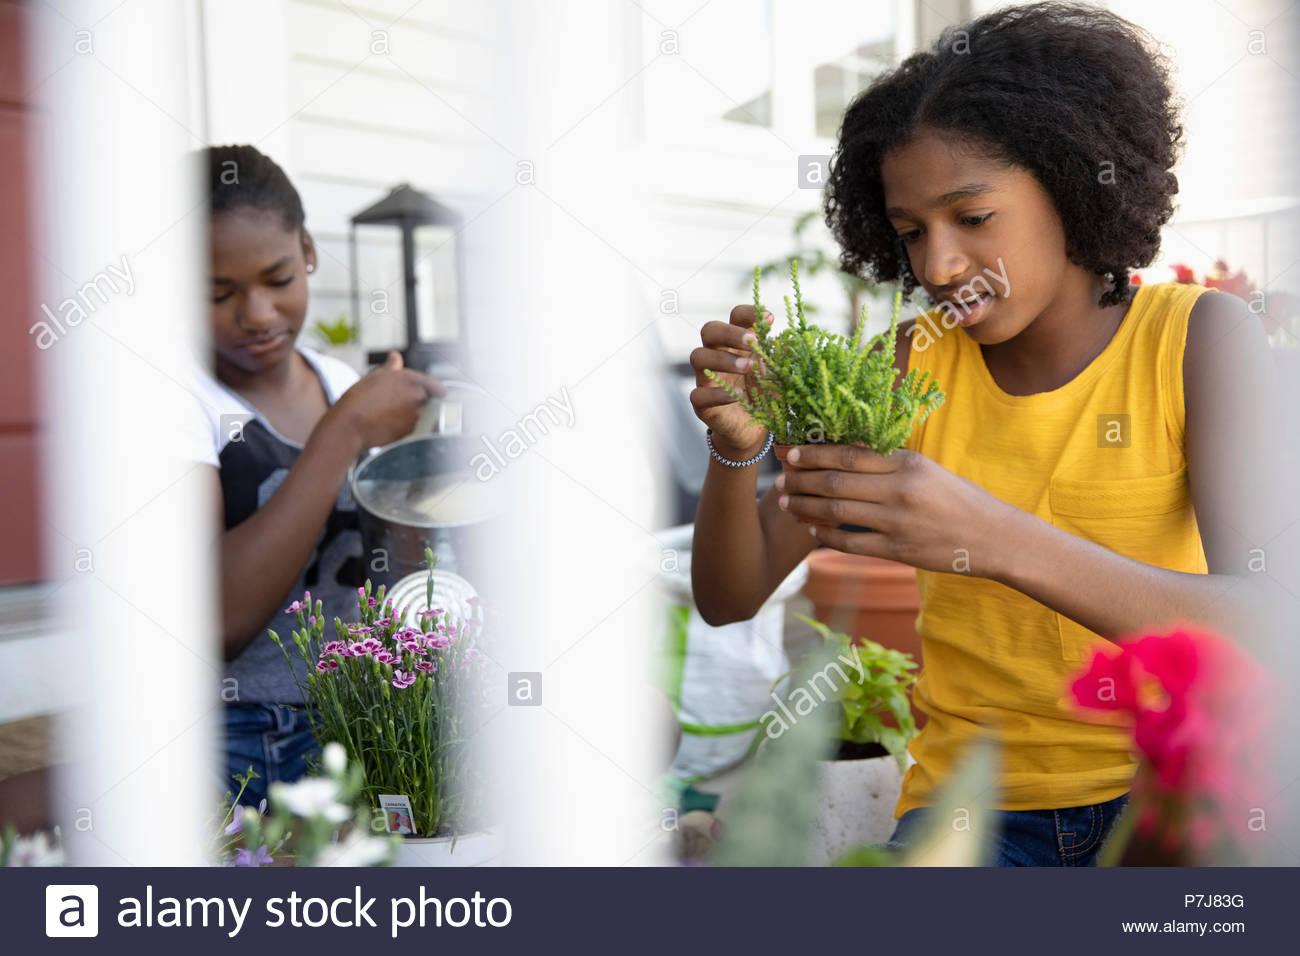 Le rempotage des plantes sur les soeurs Tween/stoop Photo Stock